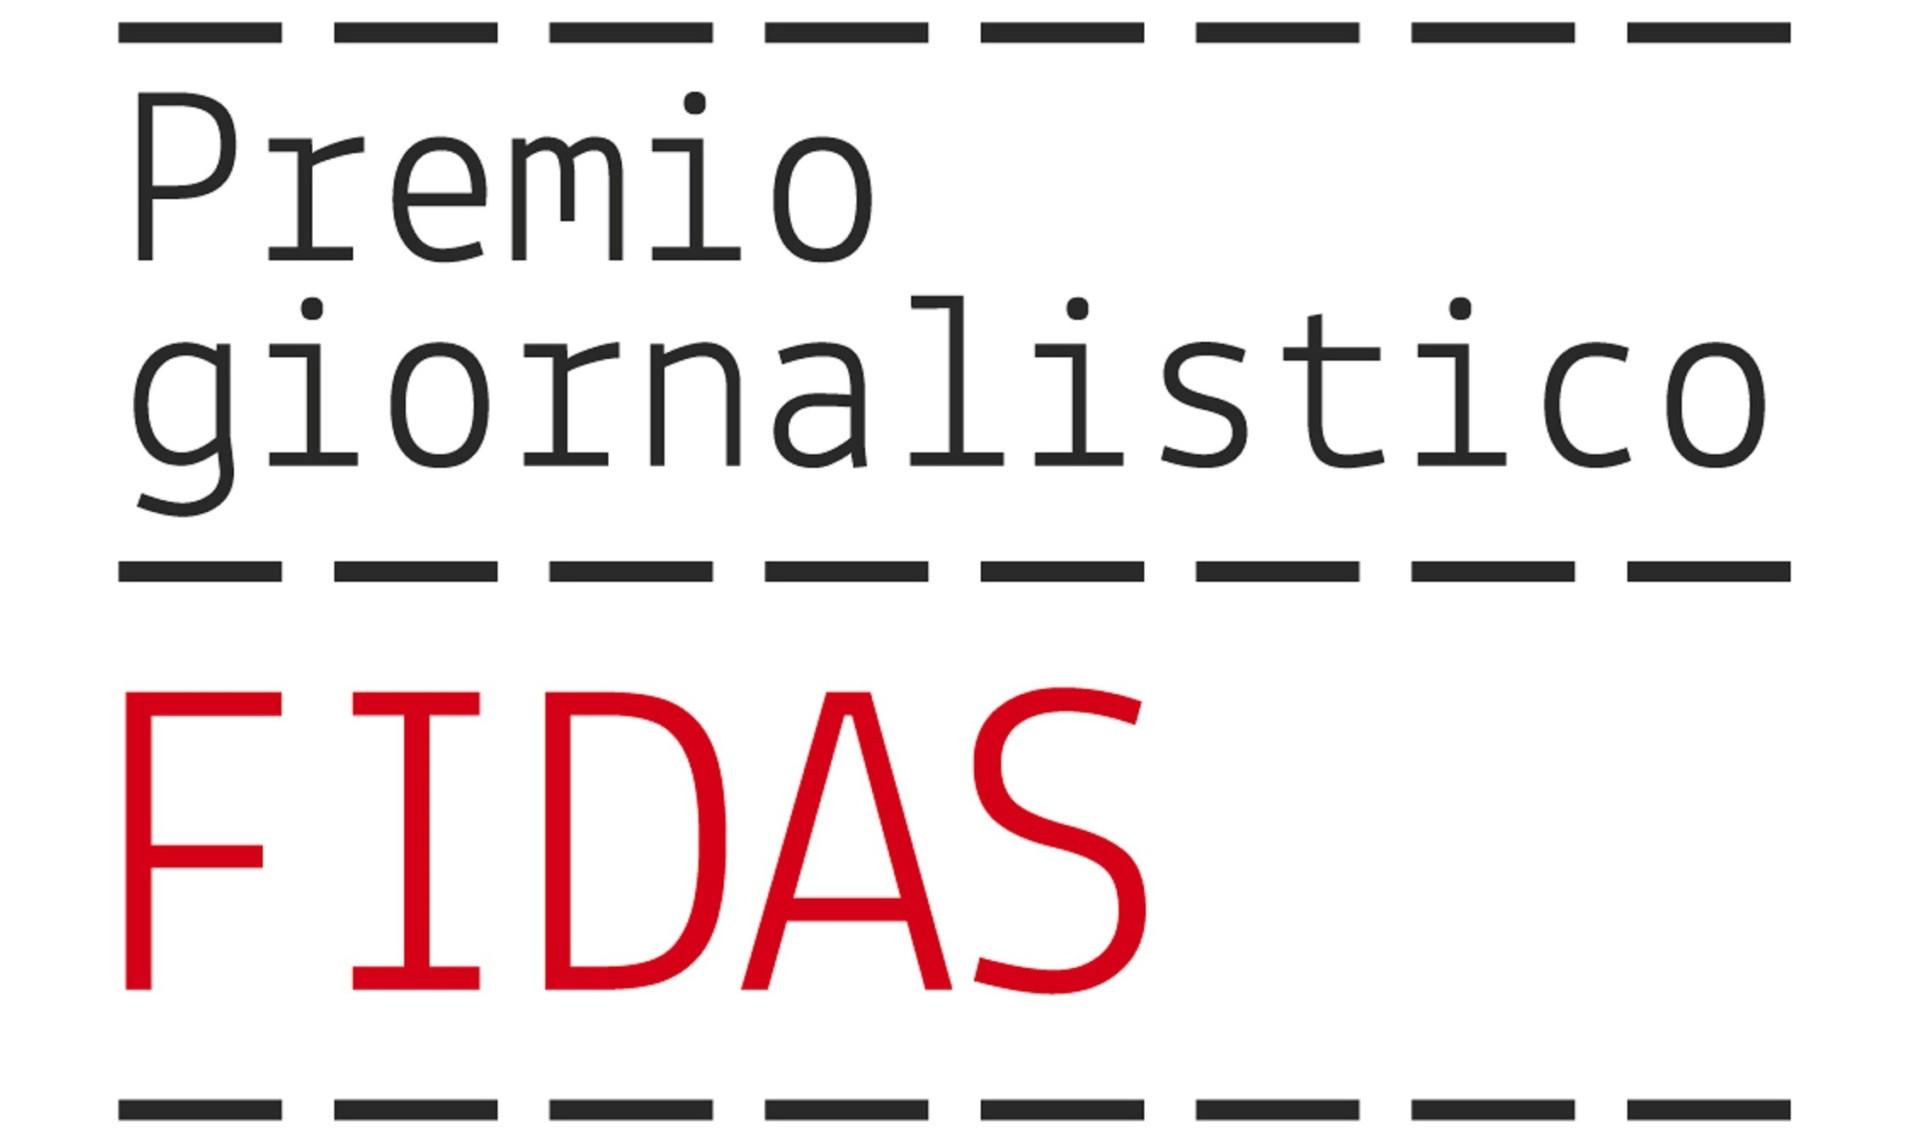 X Premio giornalistico FIDAS